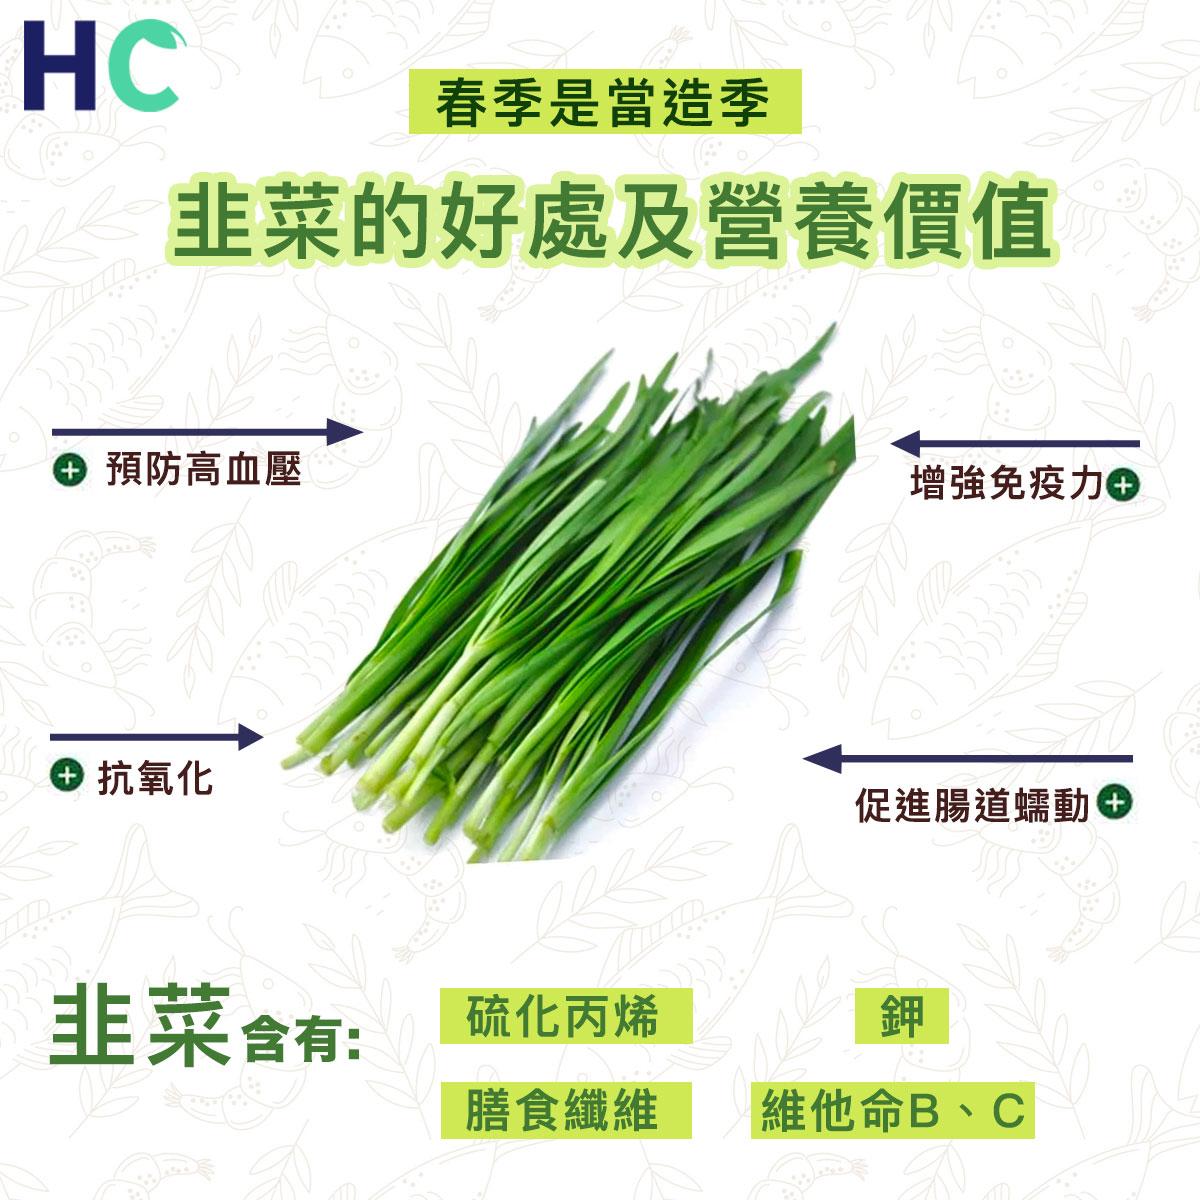 【#營養食物】韭菜的好處及營養價值